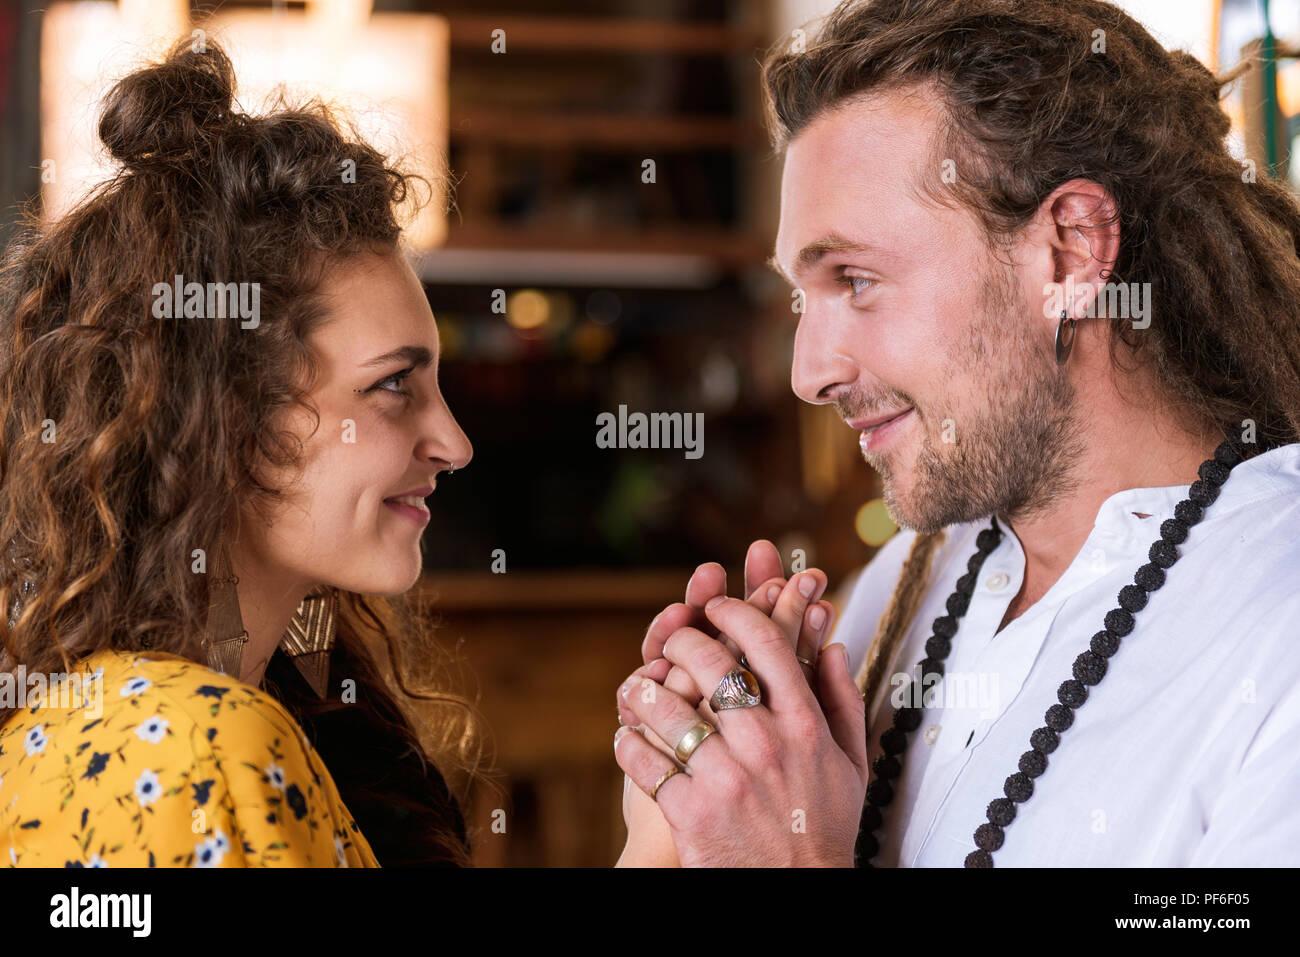 Feliz barbudo hombre mirando a los ojos de su amada Imagen De Stock